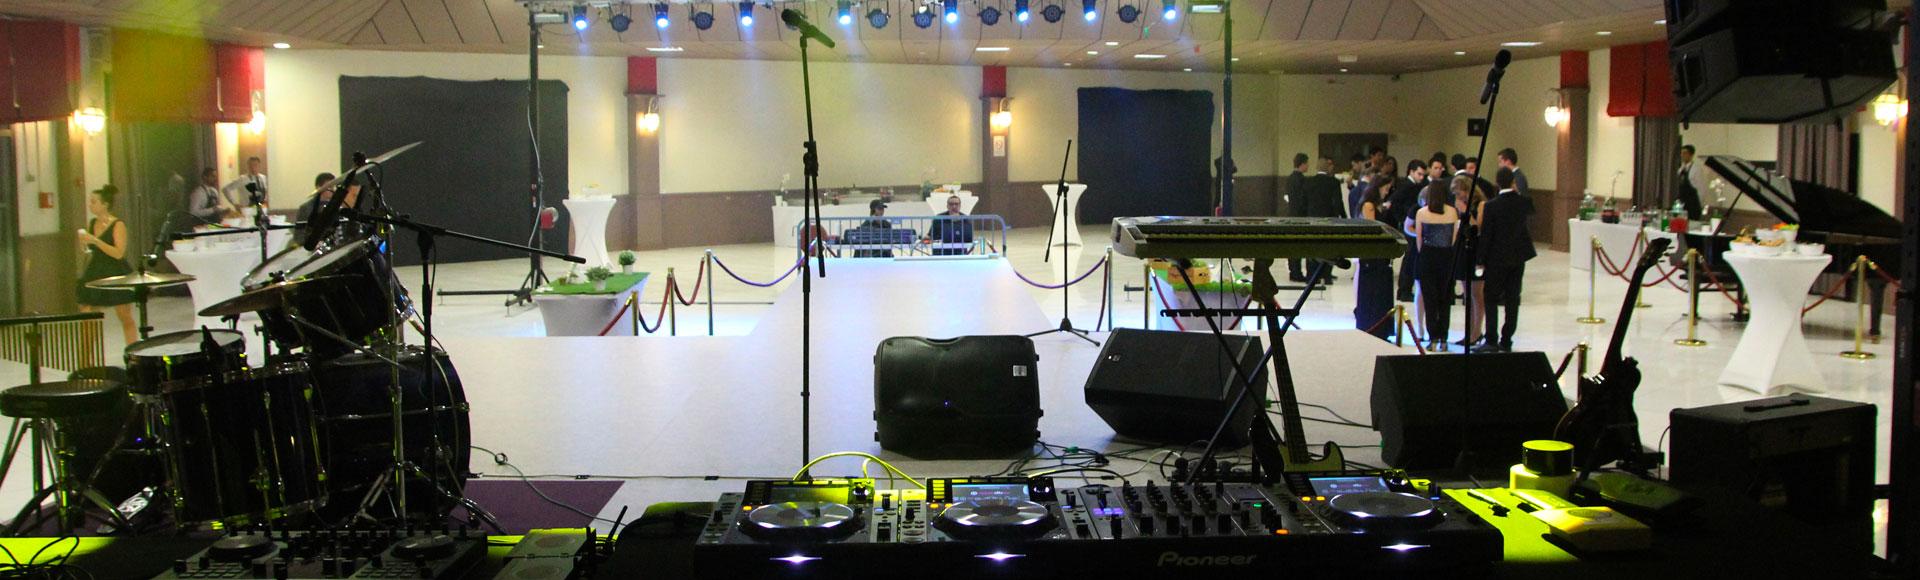 Salle florida concert marseille